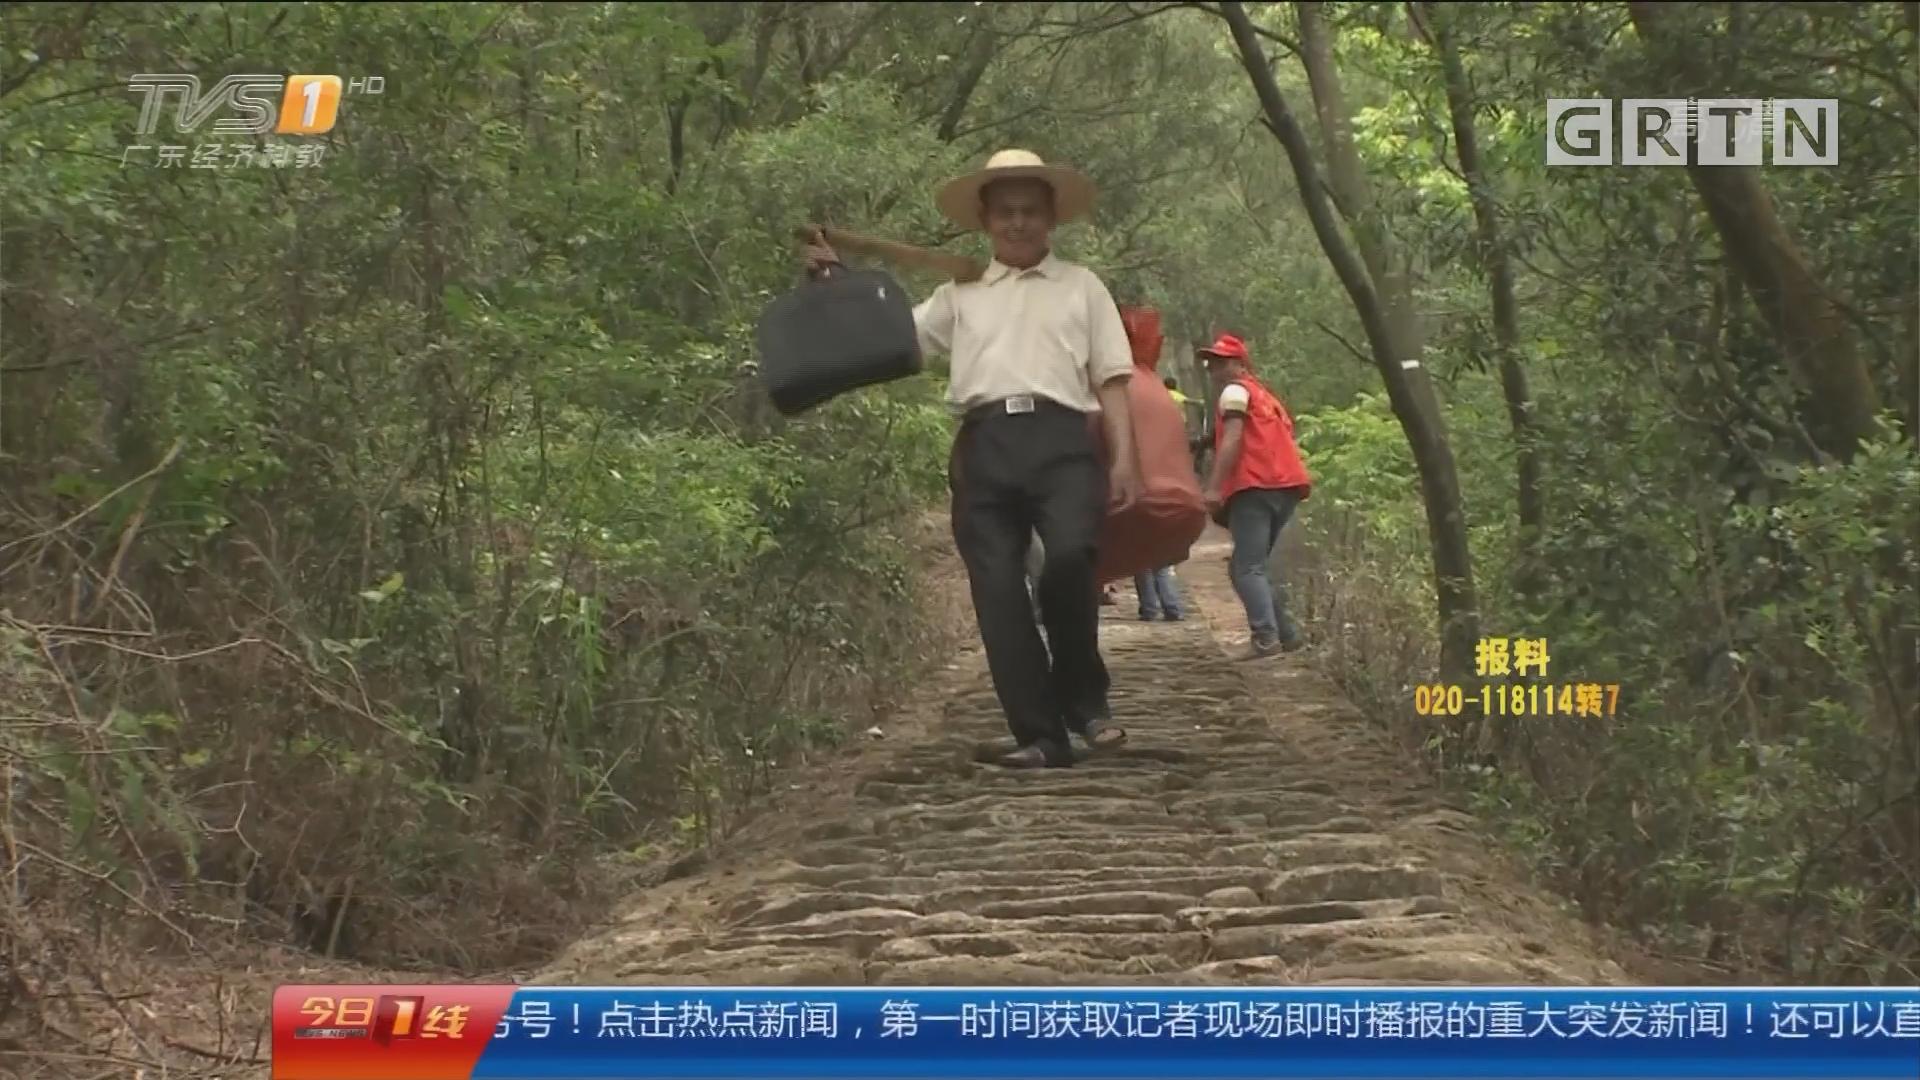 聚焦2018年广东两会 潮州饶平:养鹅大户成领头羊 助力脱贫